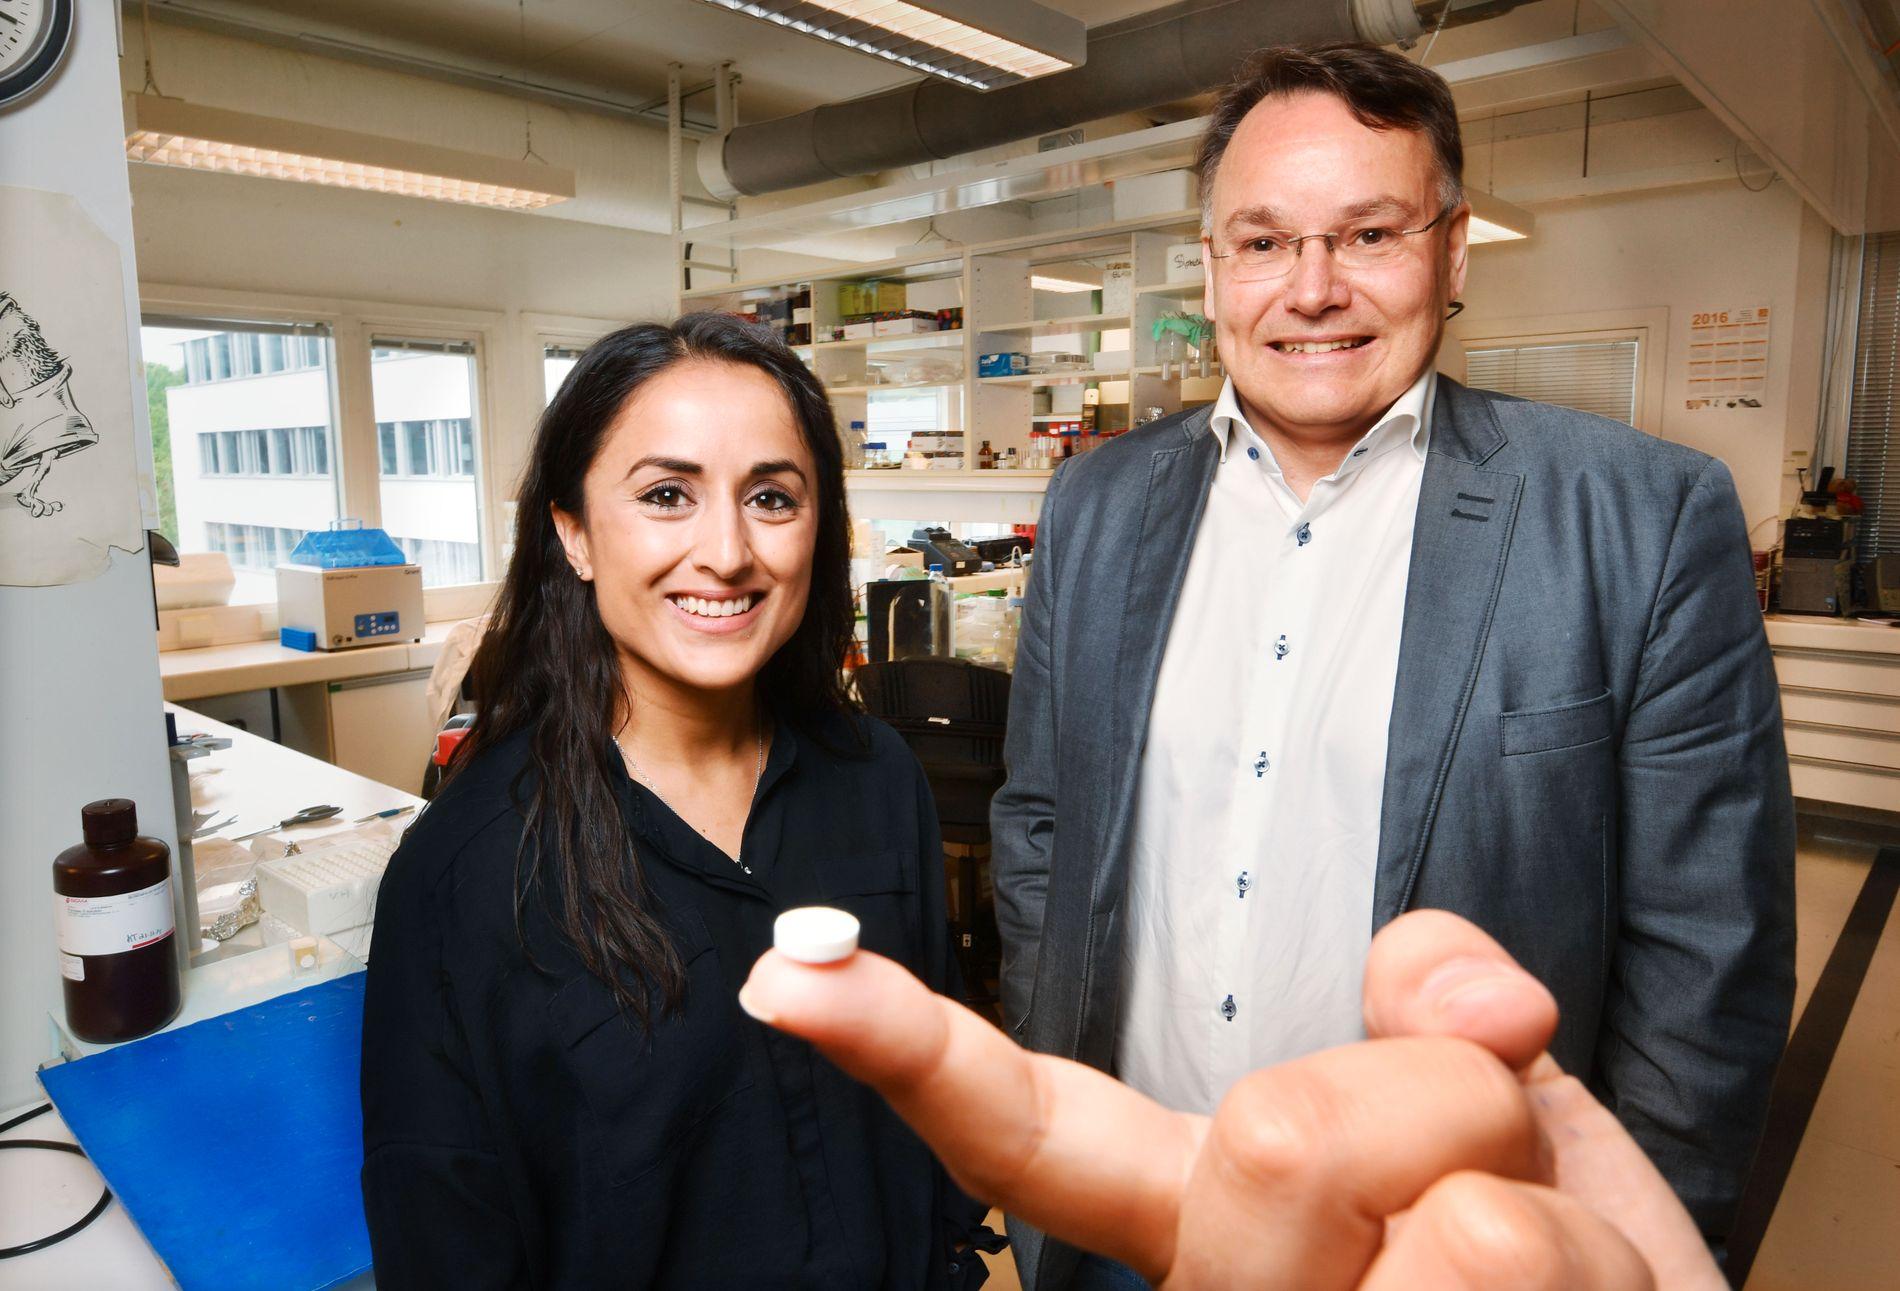 GAMMEL TRAVER: Simer J. Bains (30) og Kjetil Taskén (50) har gjennom norsk forskning vist at denne lille pillen til 80 øre pr. stk. kan hindre tilbakefall hos tarmkreftpasienter.